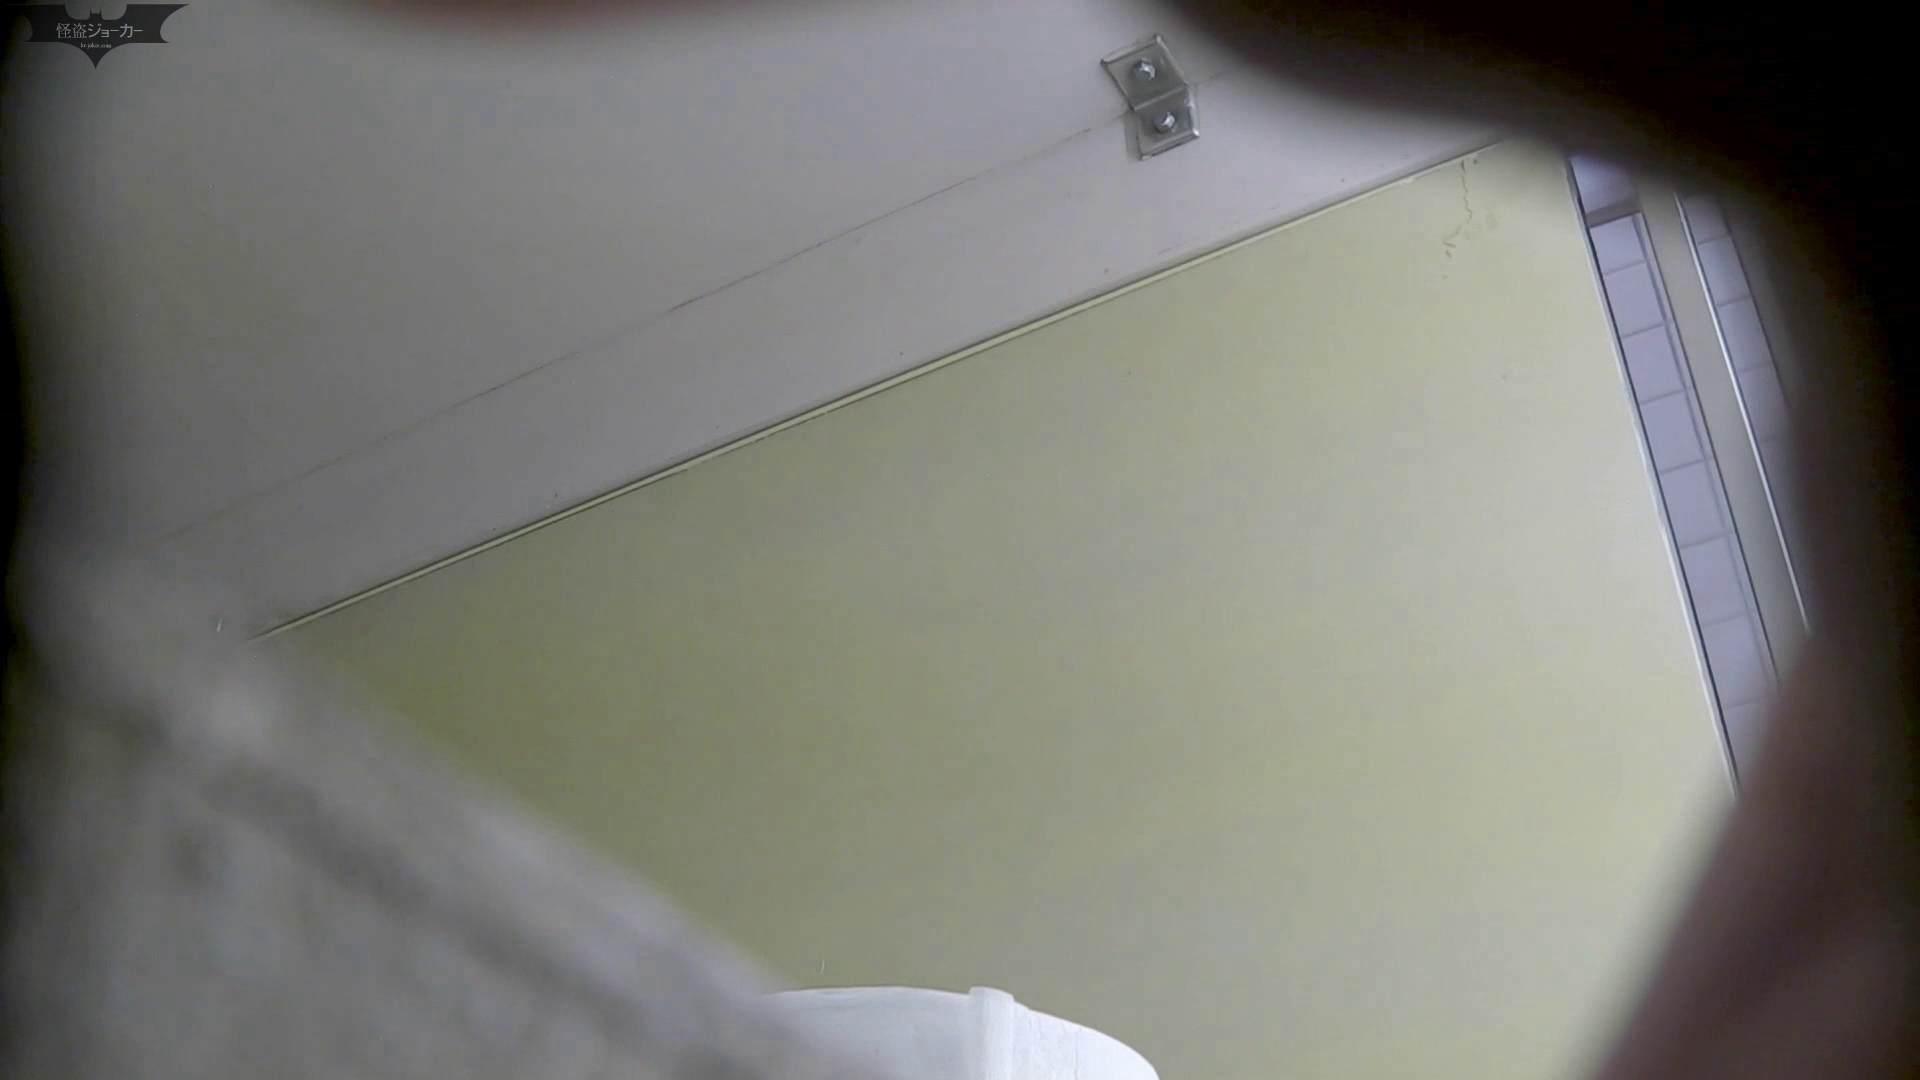 洗面所特攻隊 vol.64 運動不足?繊維不足?いやいや水分不足? 高画質 オメコ動画キャプチャ 84画像 23